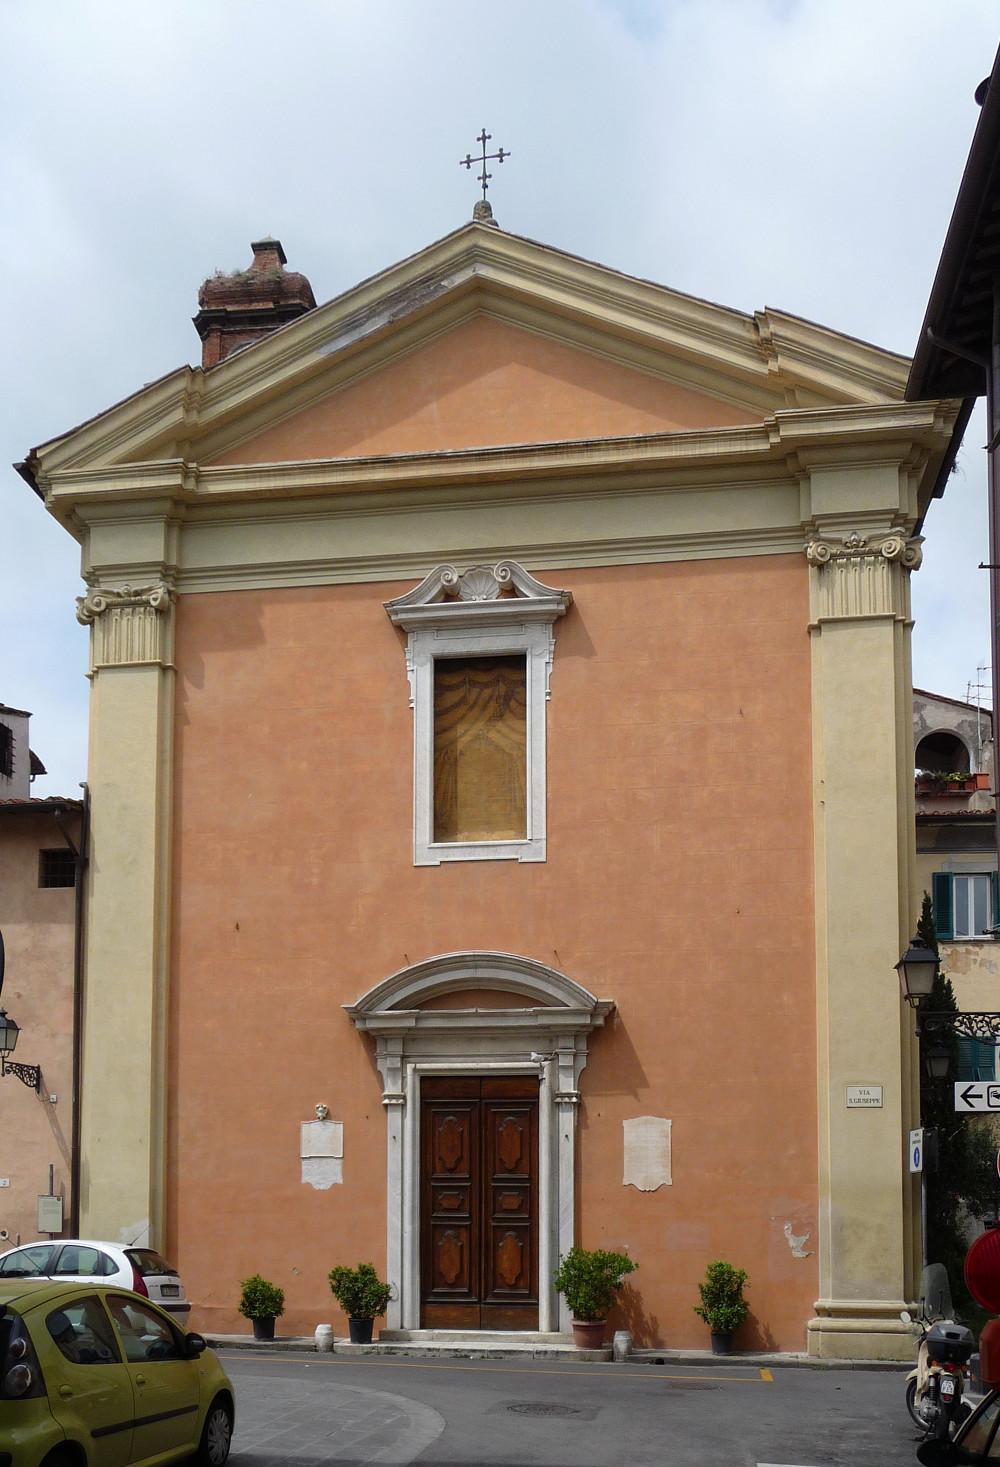 Facciata  - Chiesa S. Giuseppe (Lucarelli, wikimediacommons)